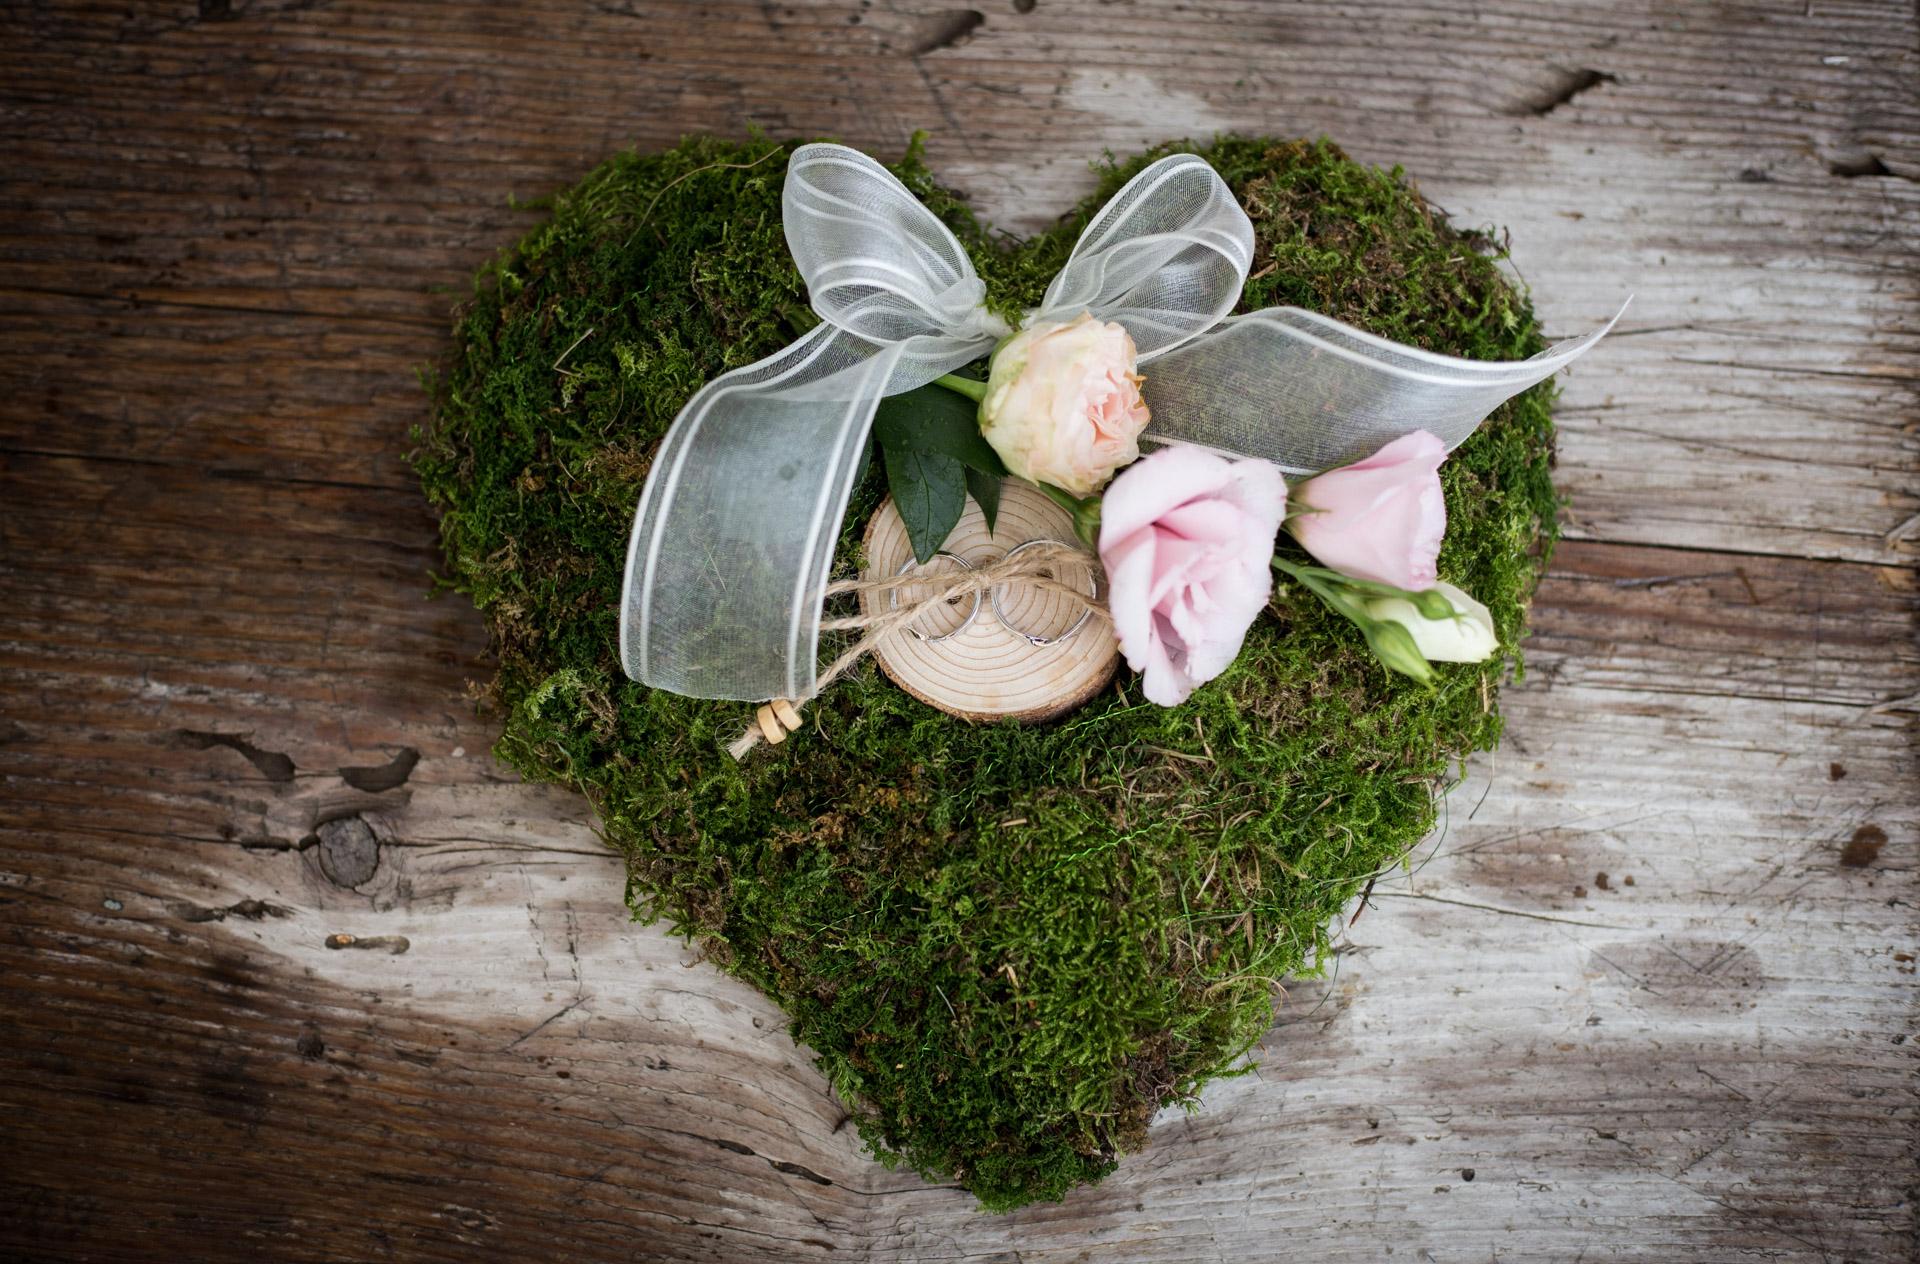 Svatební obřad a hostina v přírodě v Jižních Čechách - Marie a Martin